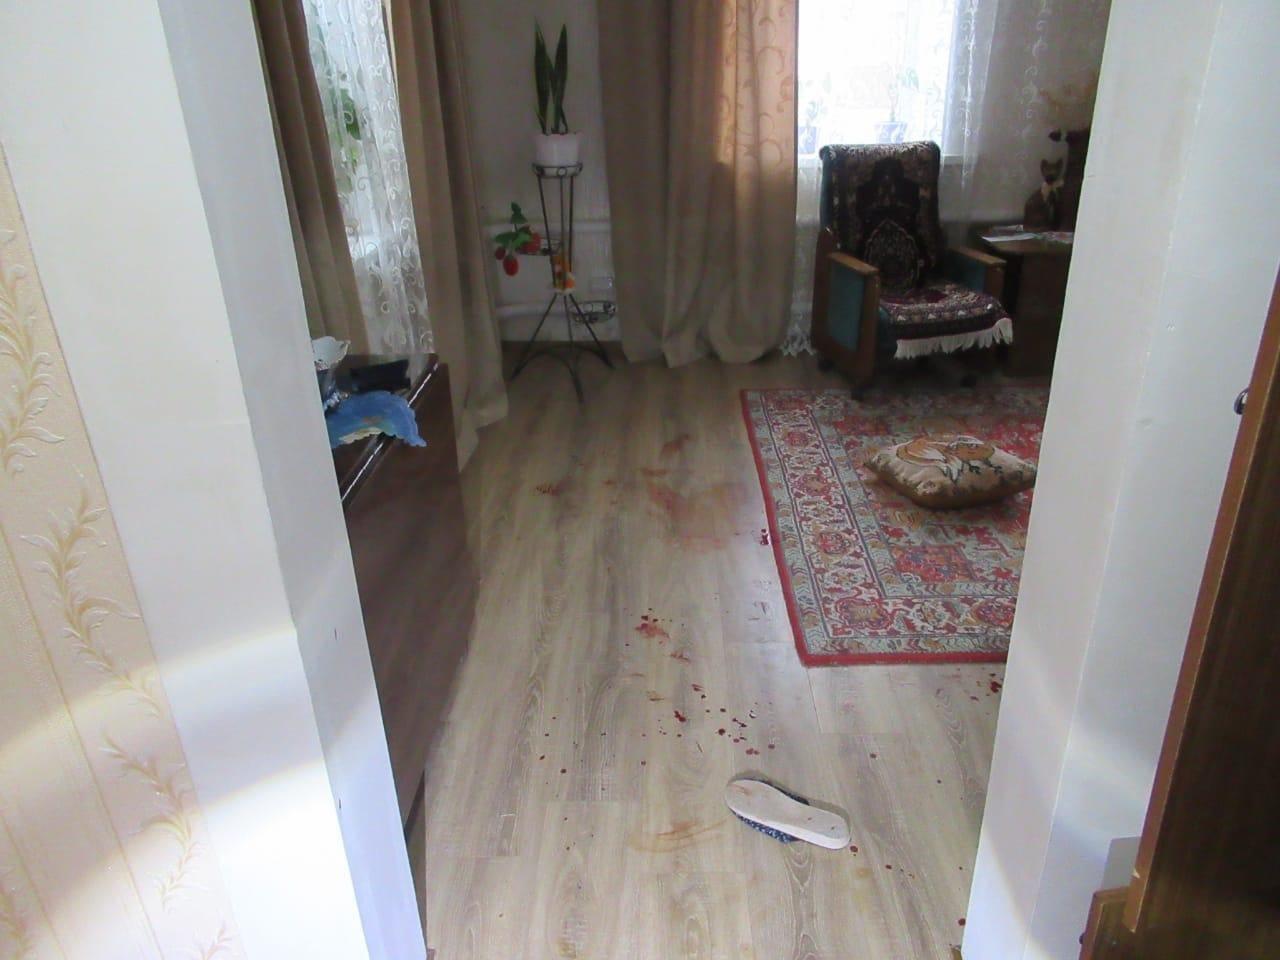 Сімейна сварка: у Ромнах син побив батька молотком по голові, а матір зарізав , фото-2